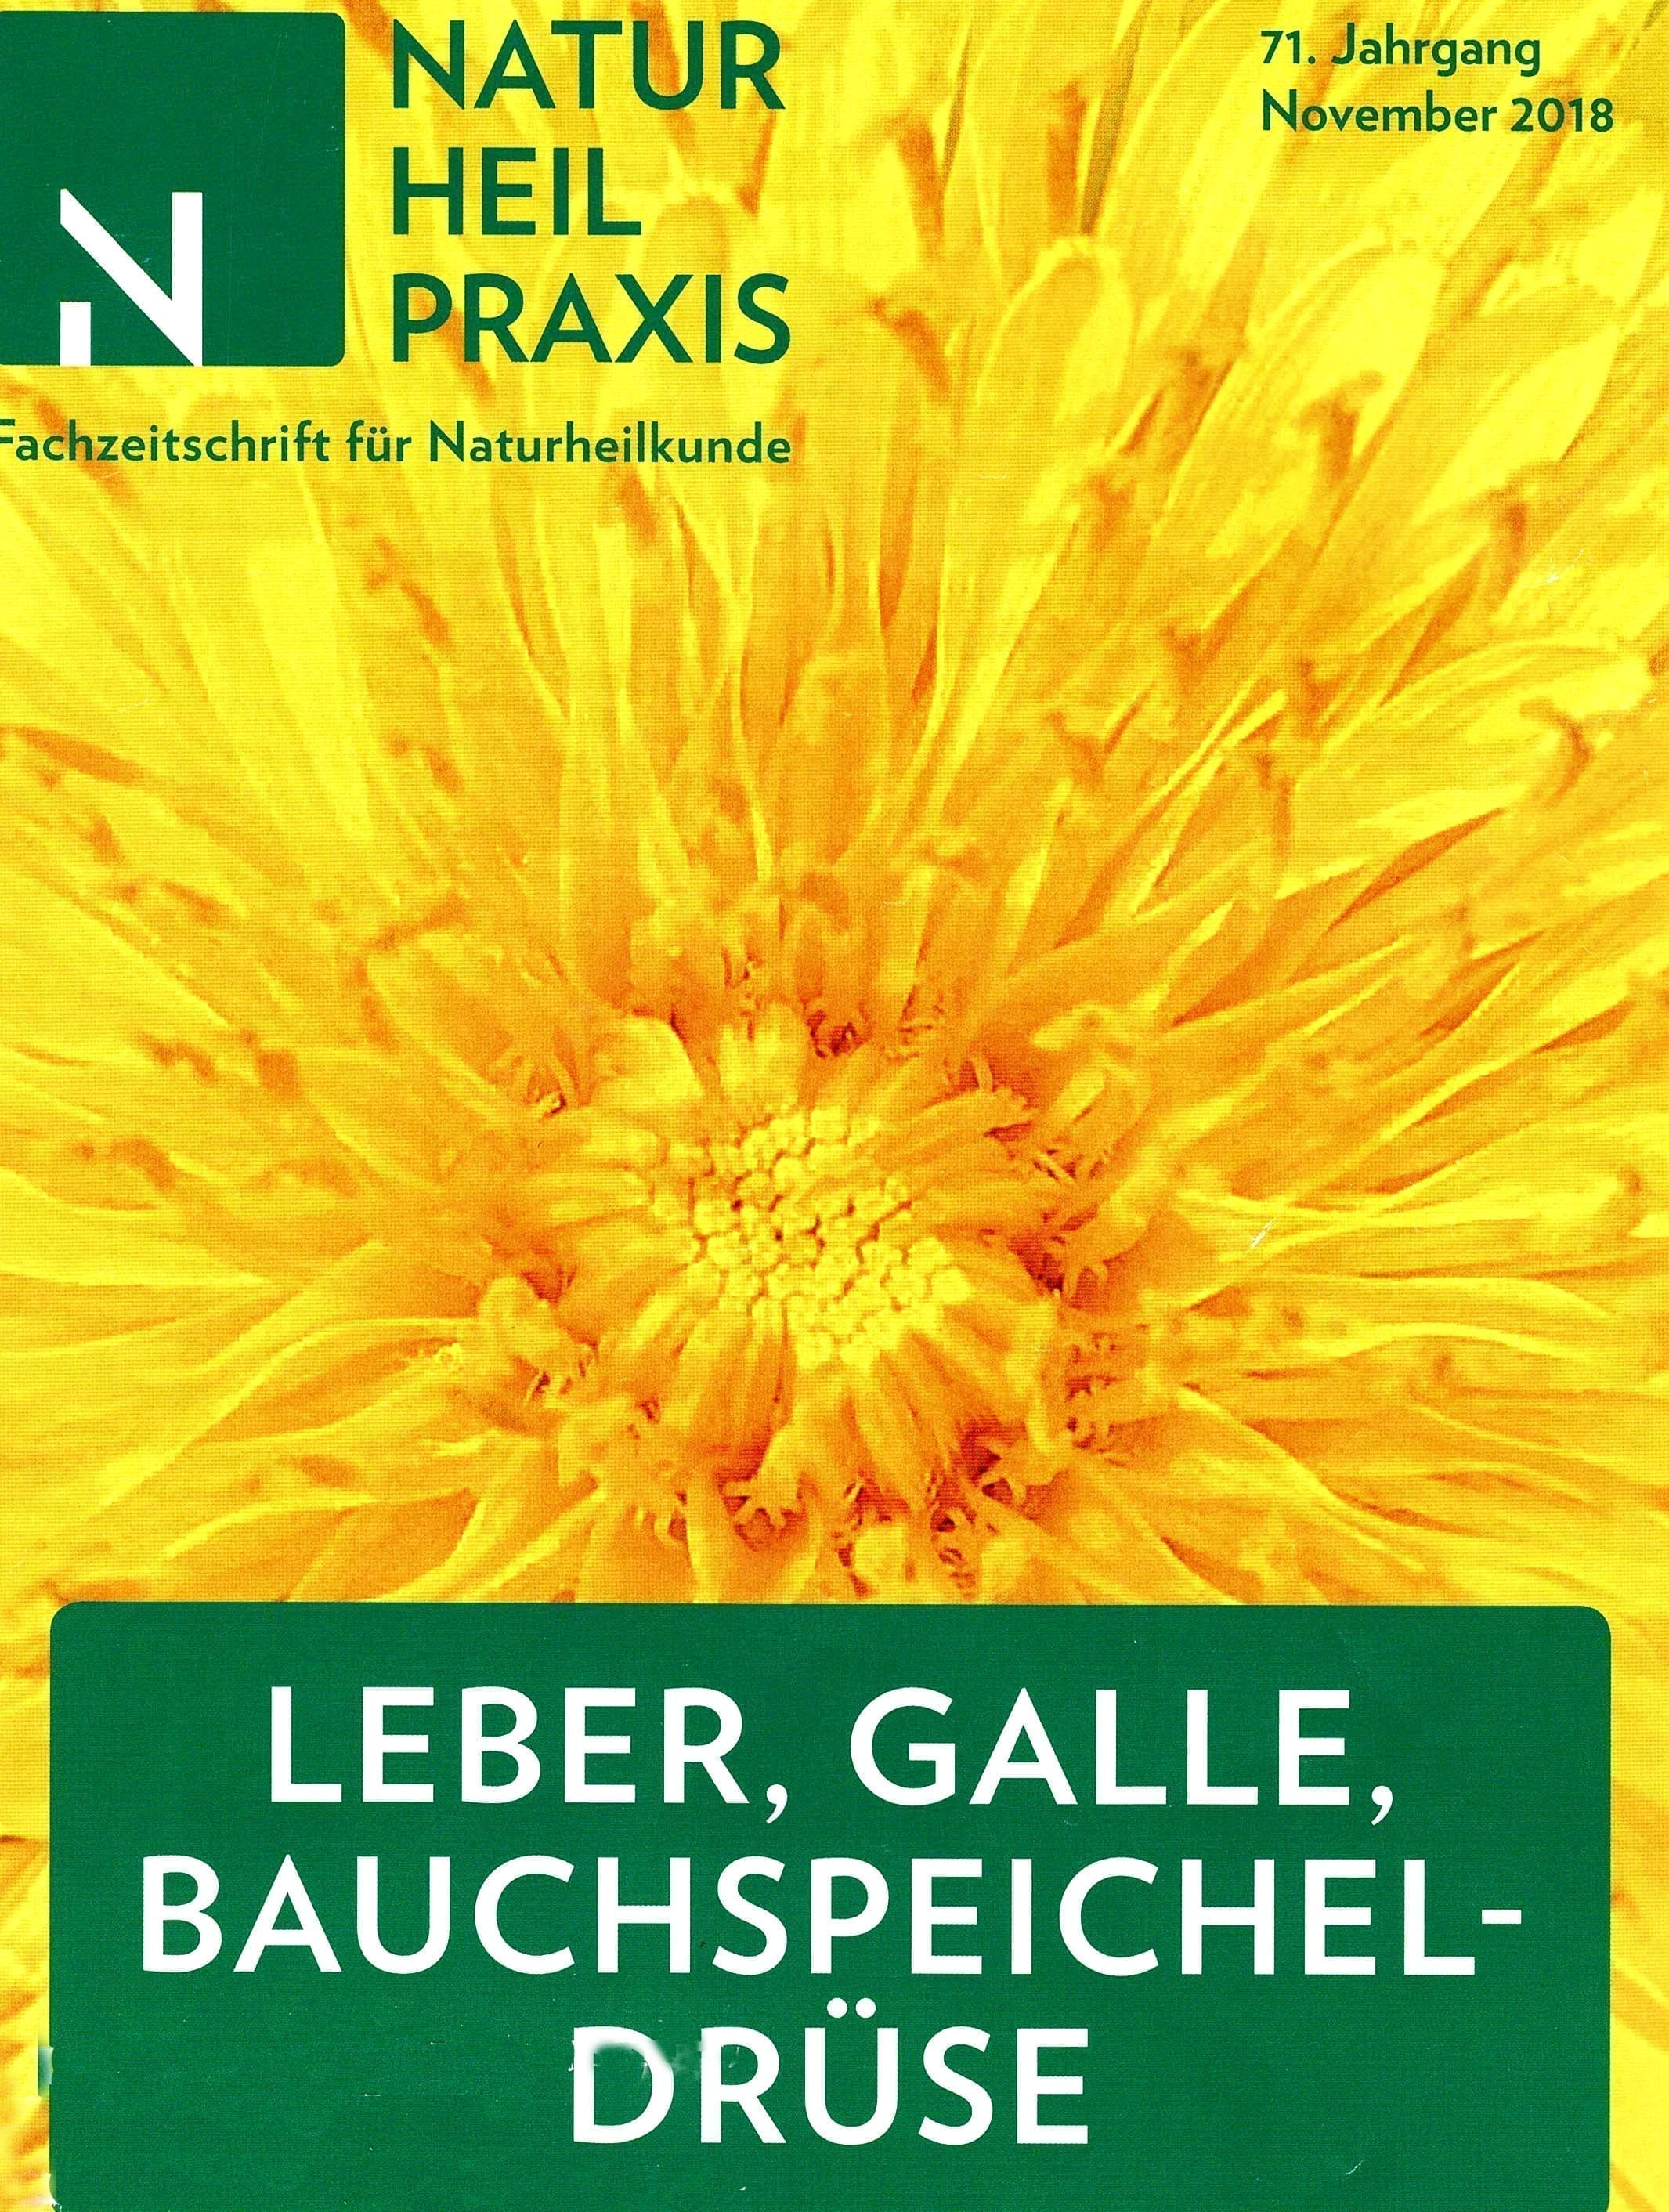 Cover FAchzeitschrift Naturheilpraxis mit gelber Blume